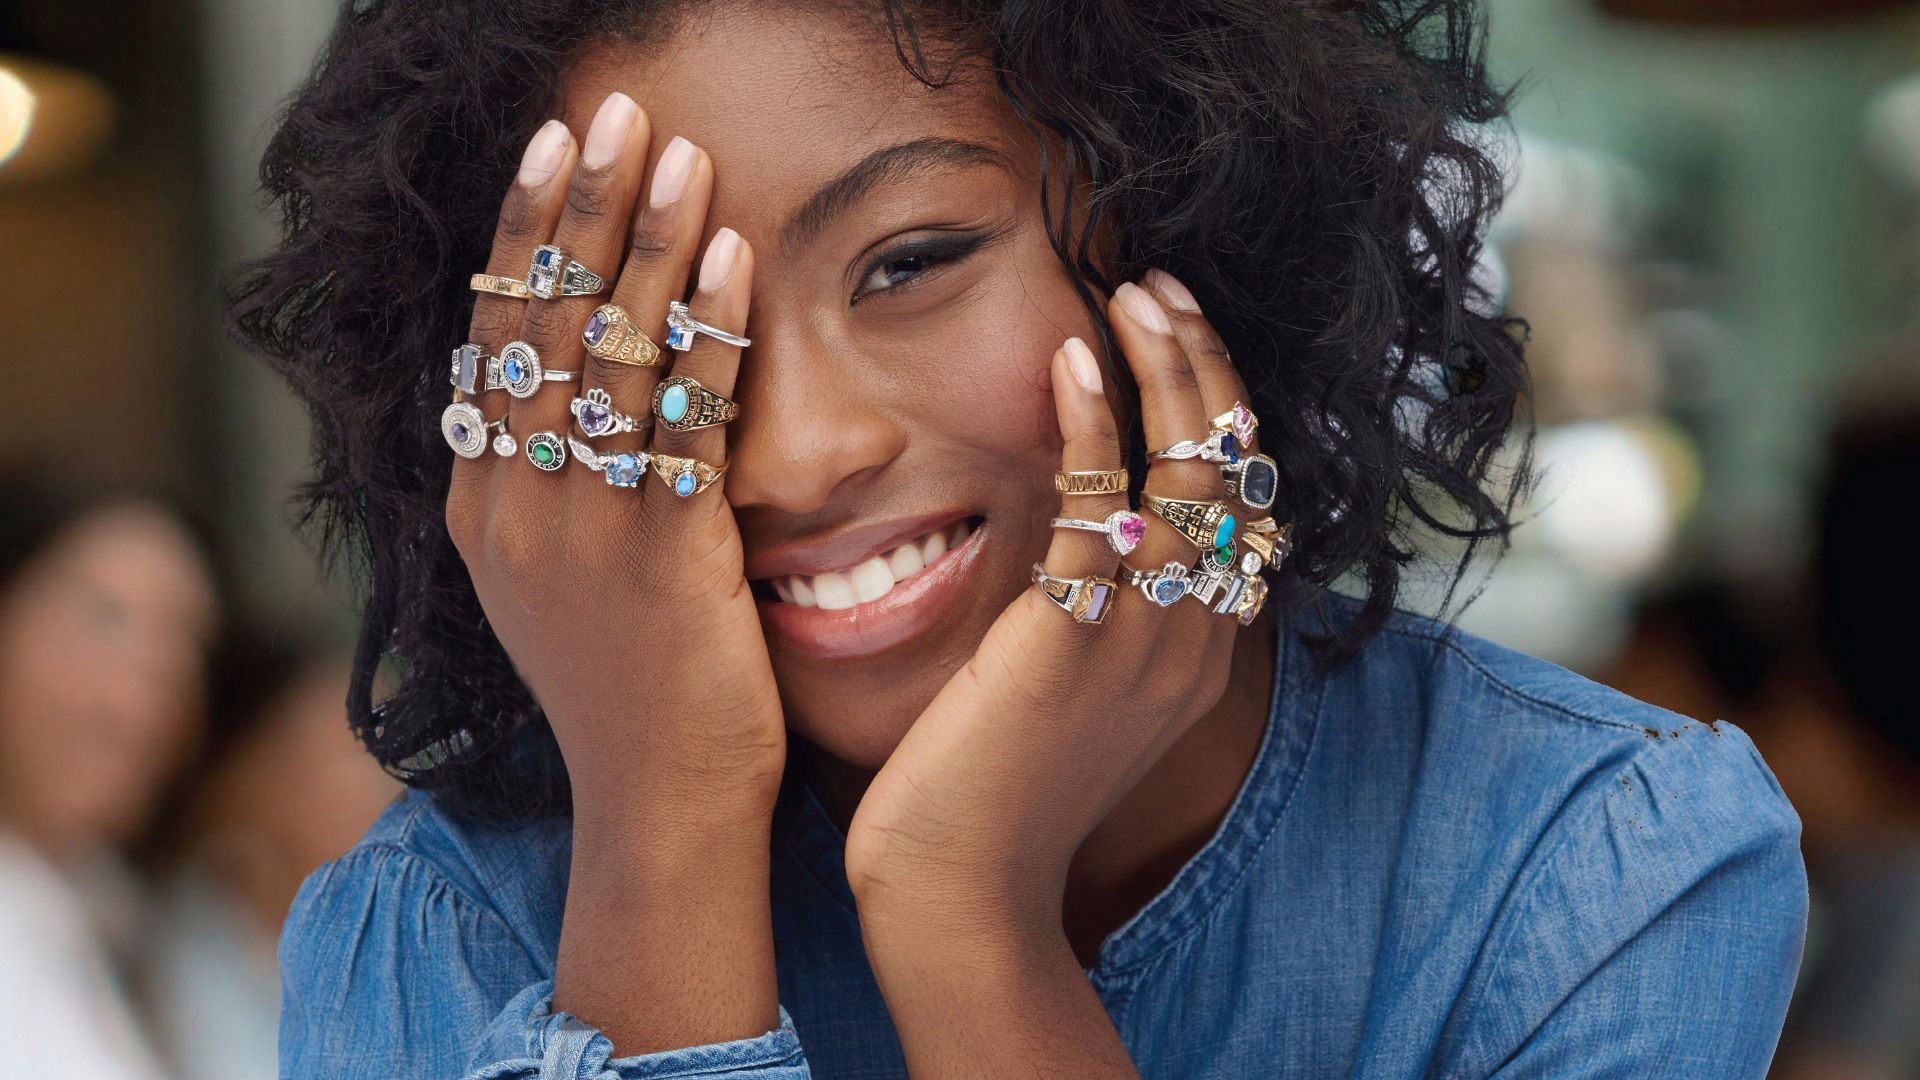 Luxe ring girl - full-1499280669630.jpg